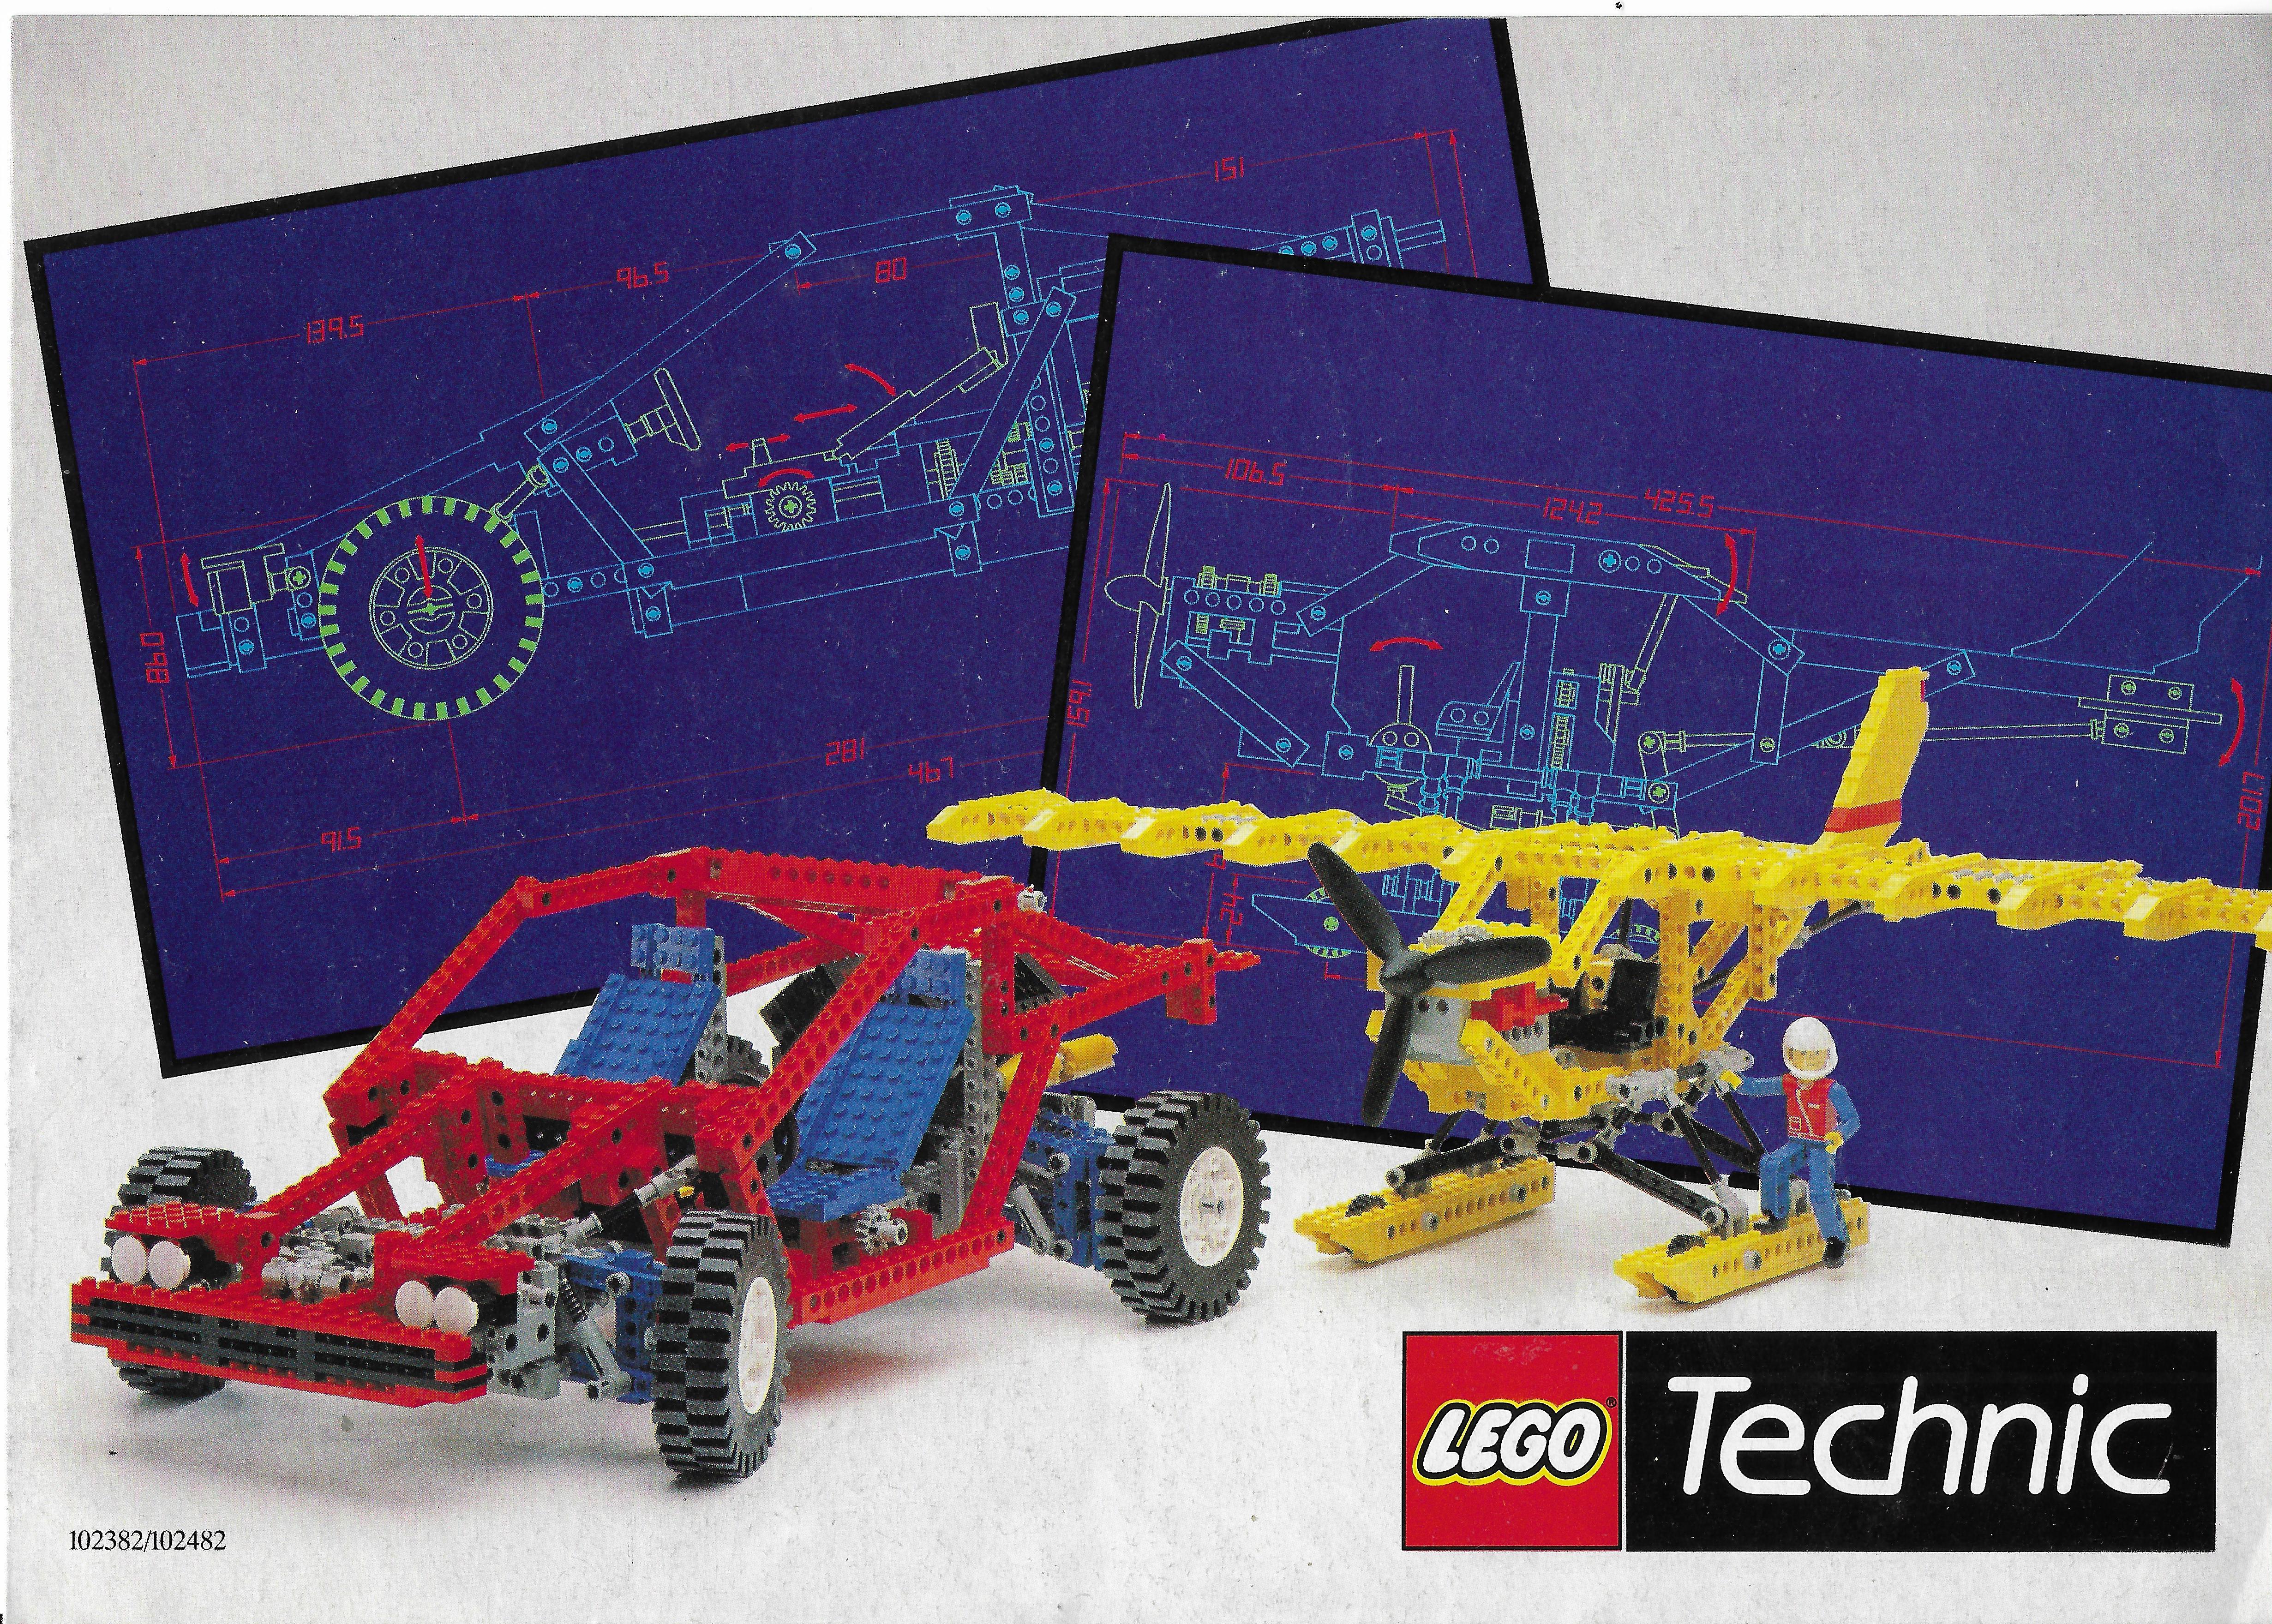 1988-as Lego Technic katalógus